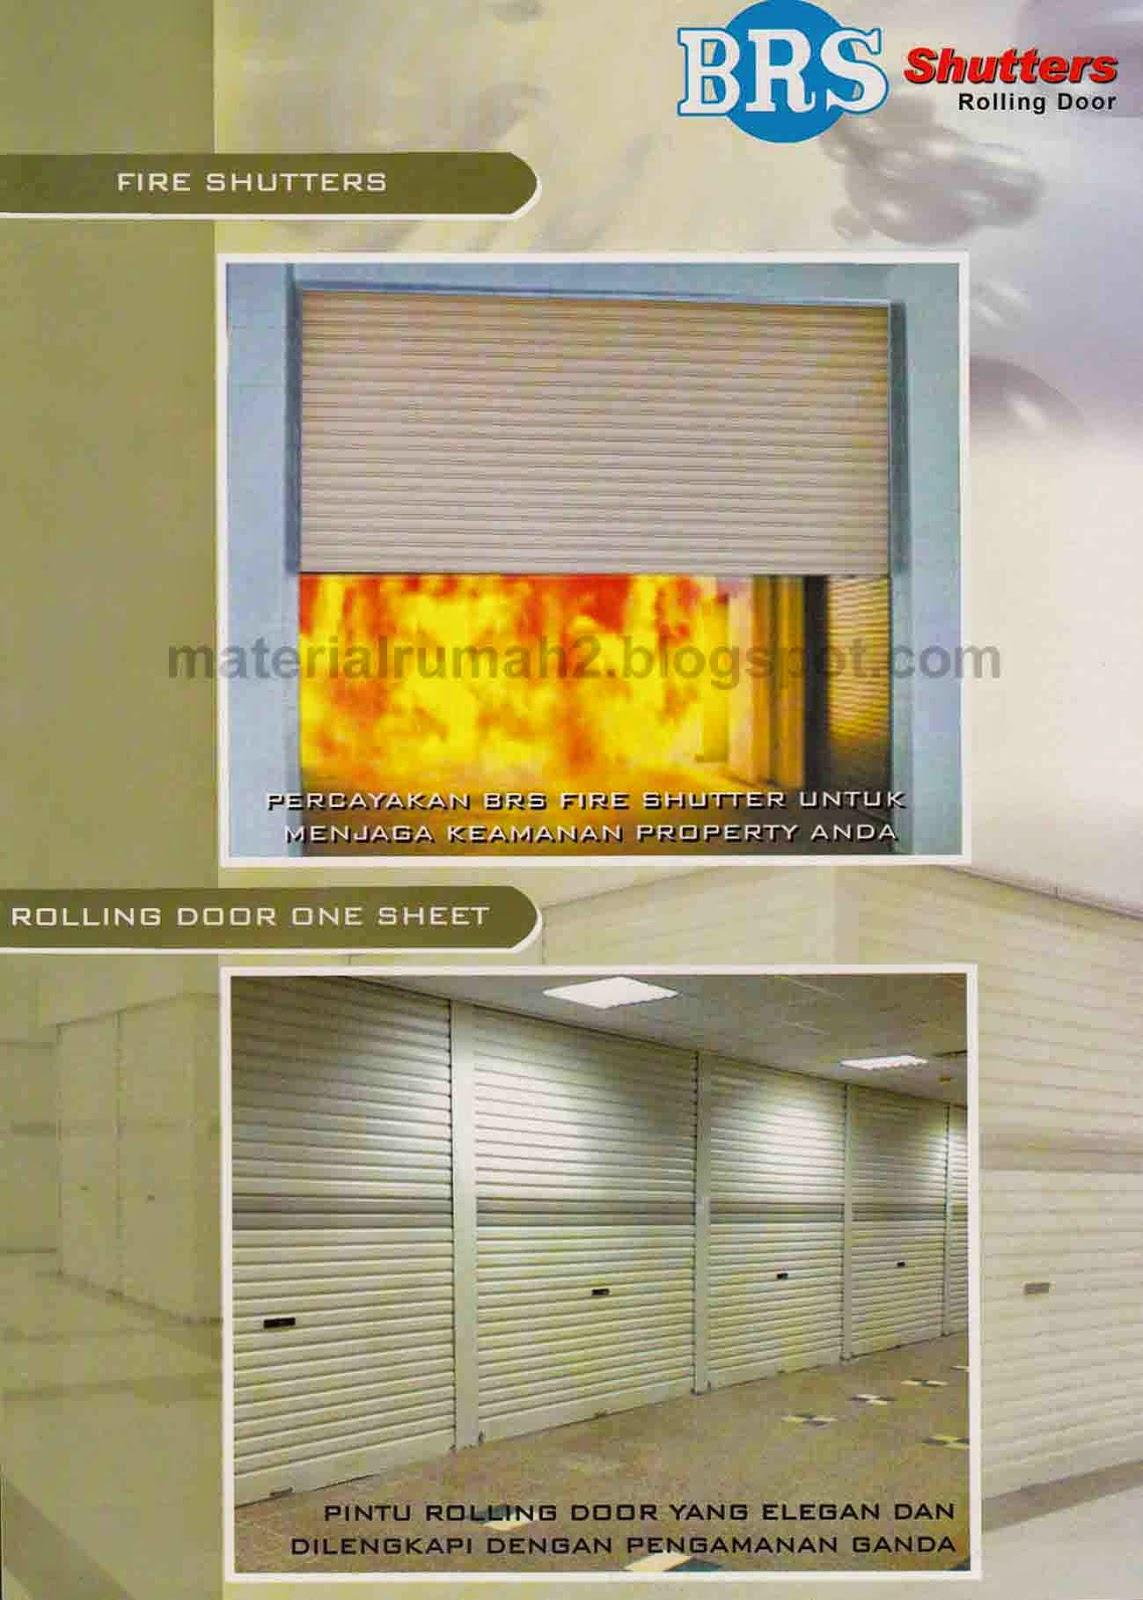 BRS Shutters Rolling Door